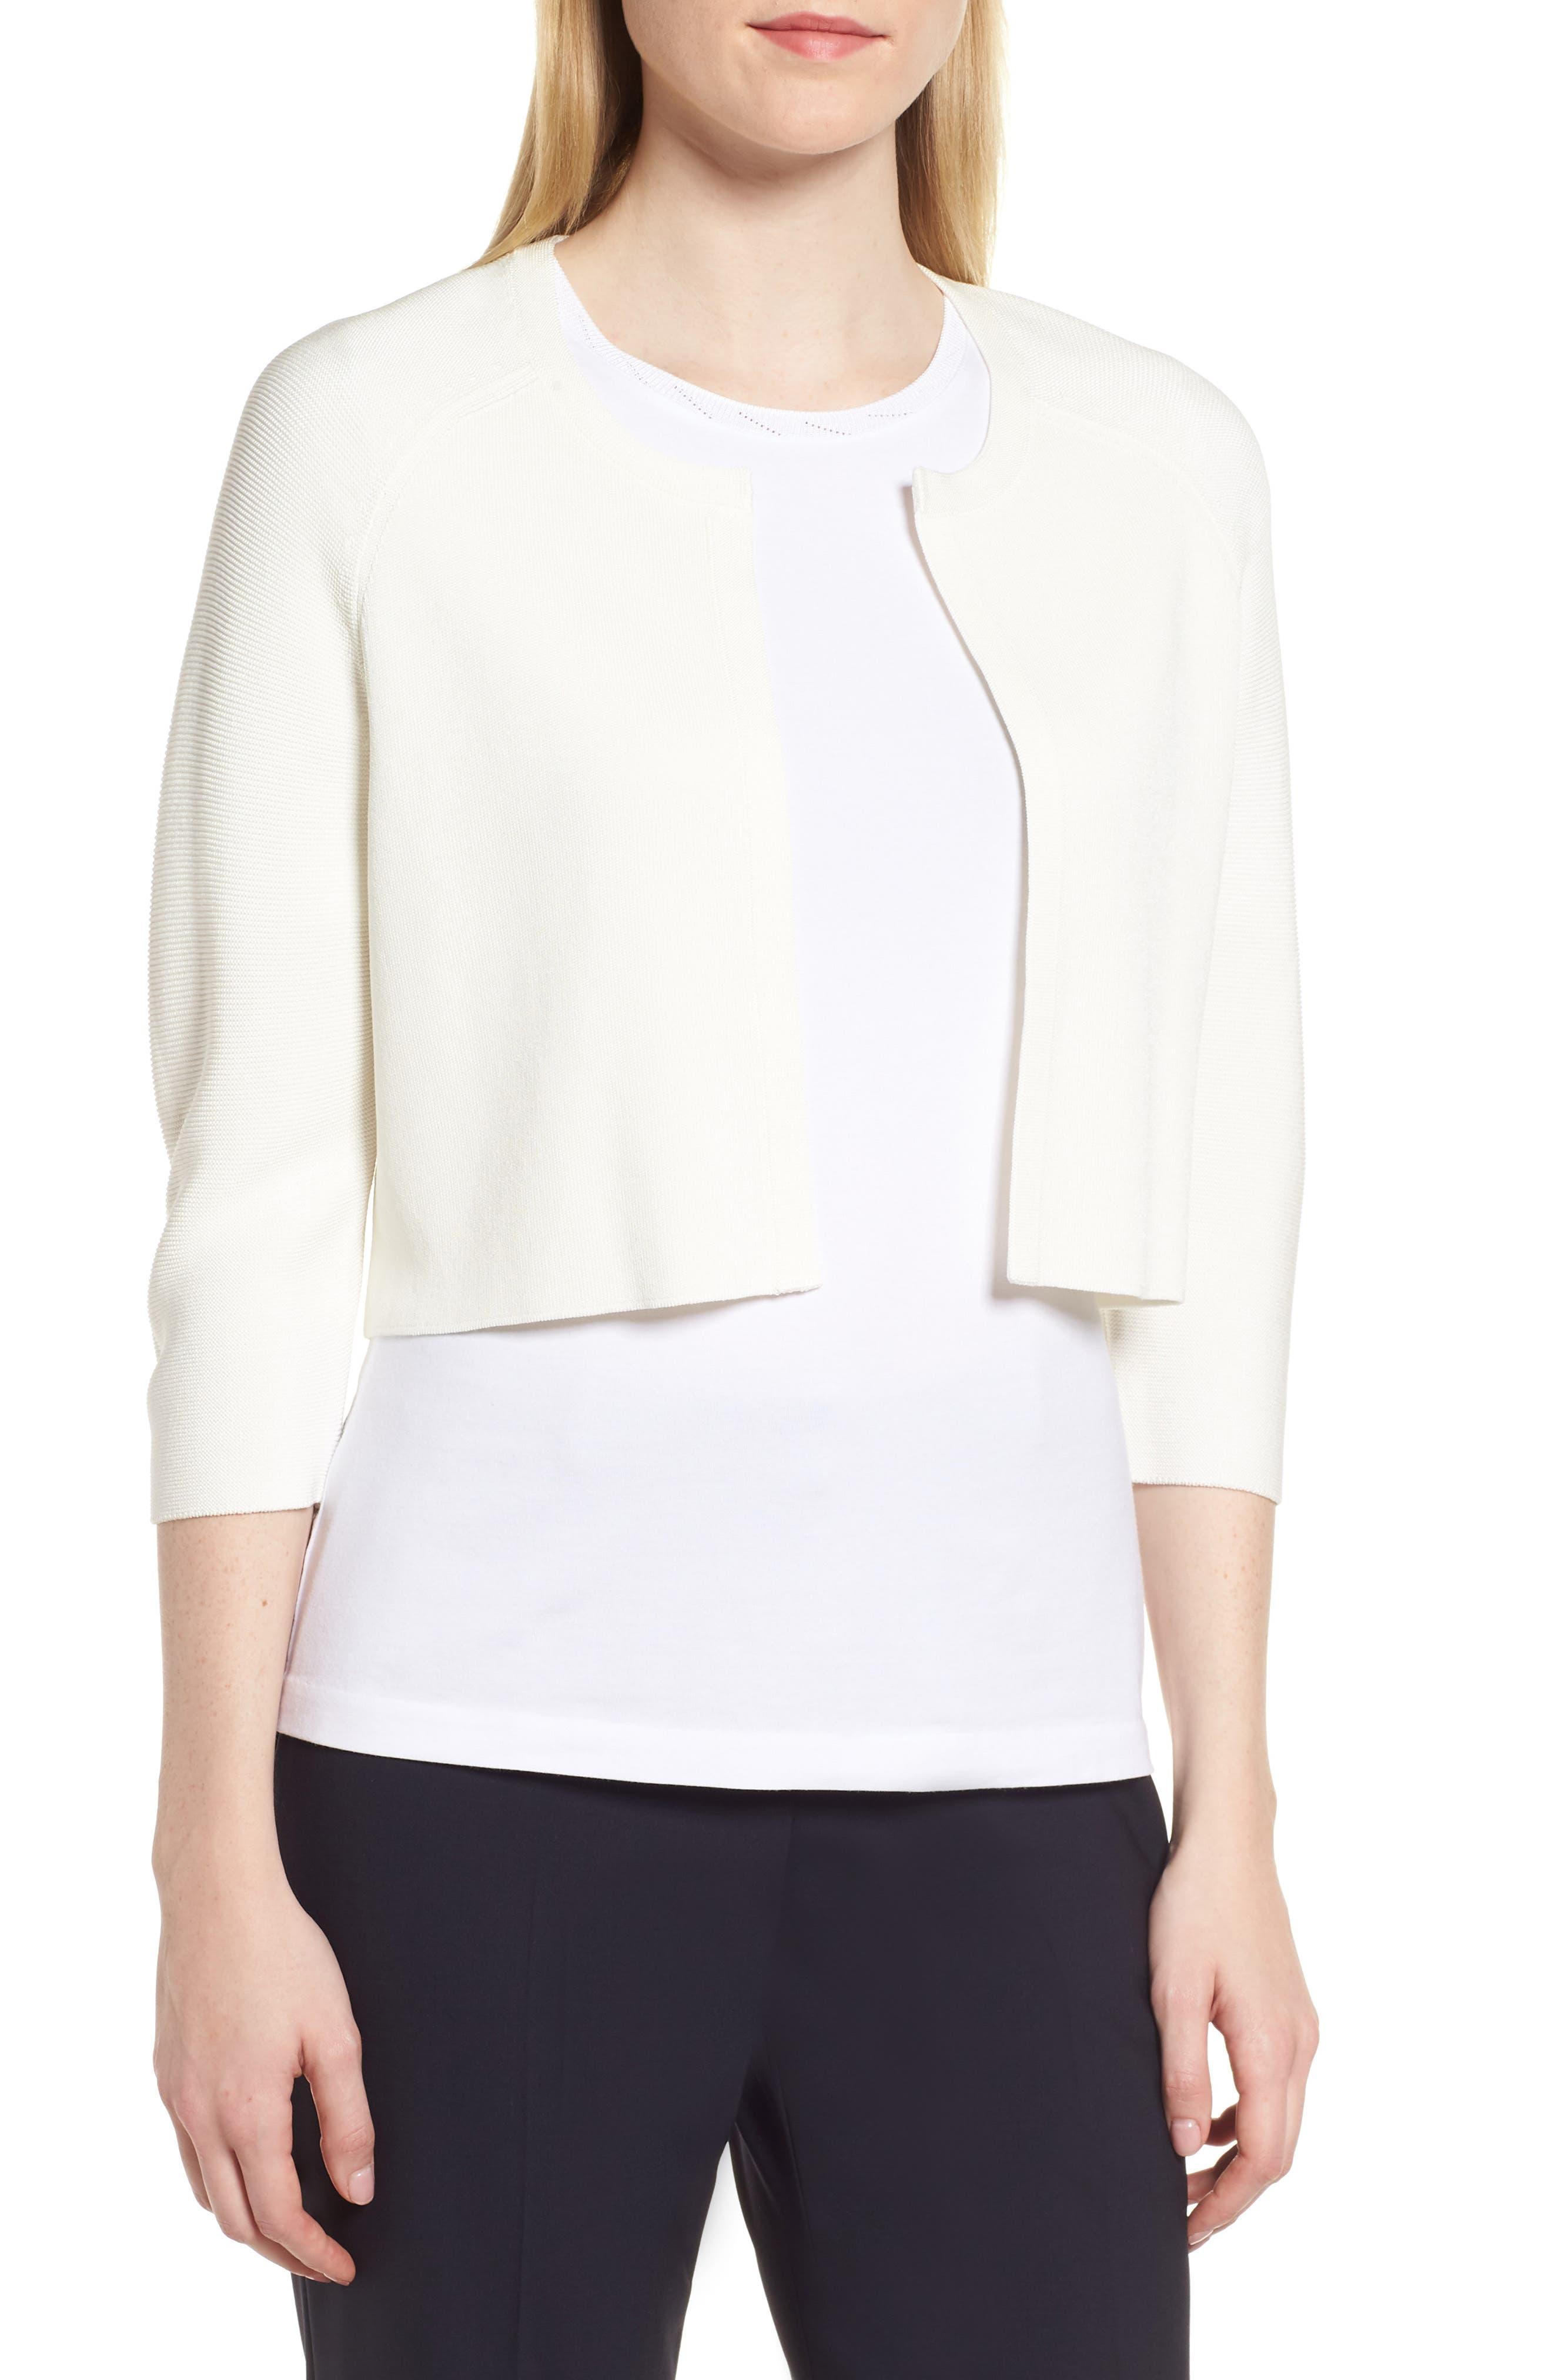 Fatilde Crop Cardigan,                         Main,                         color, White